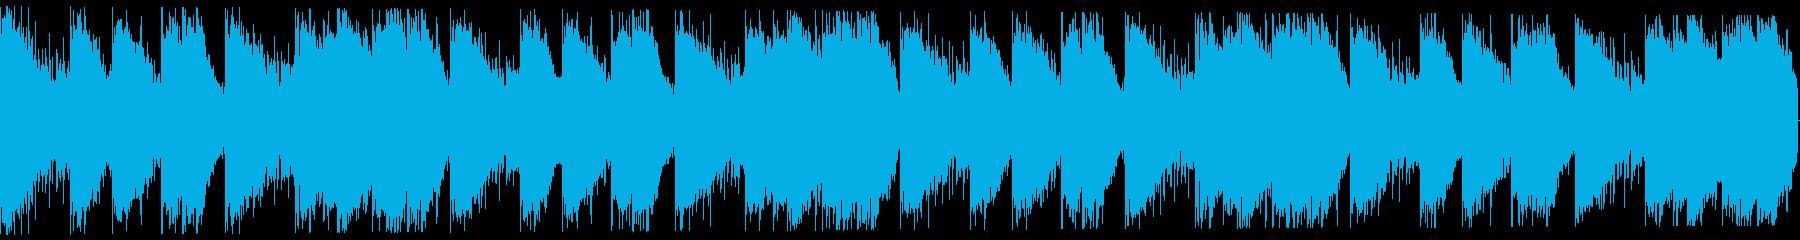 切ないゆったり系トラップビート16小節の再生済みの波形